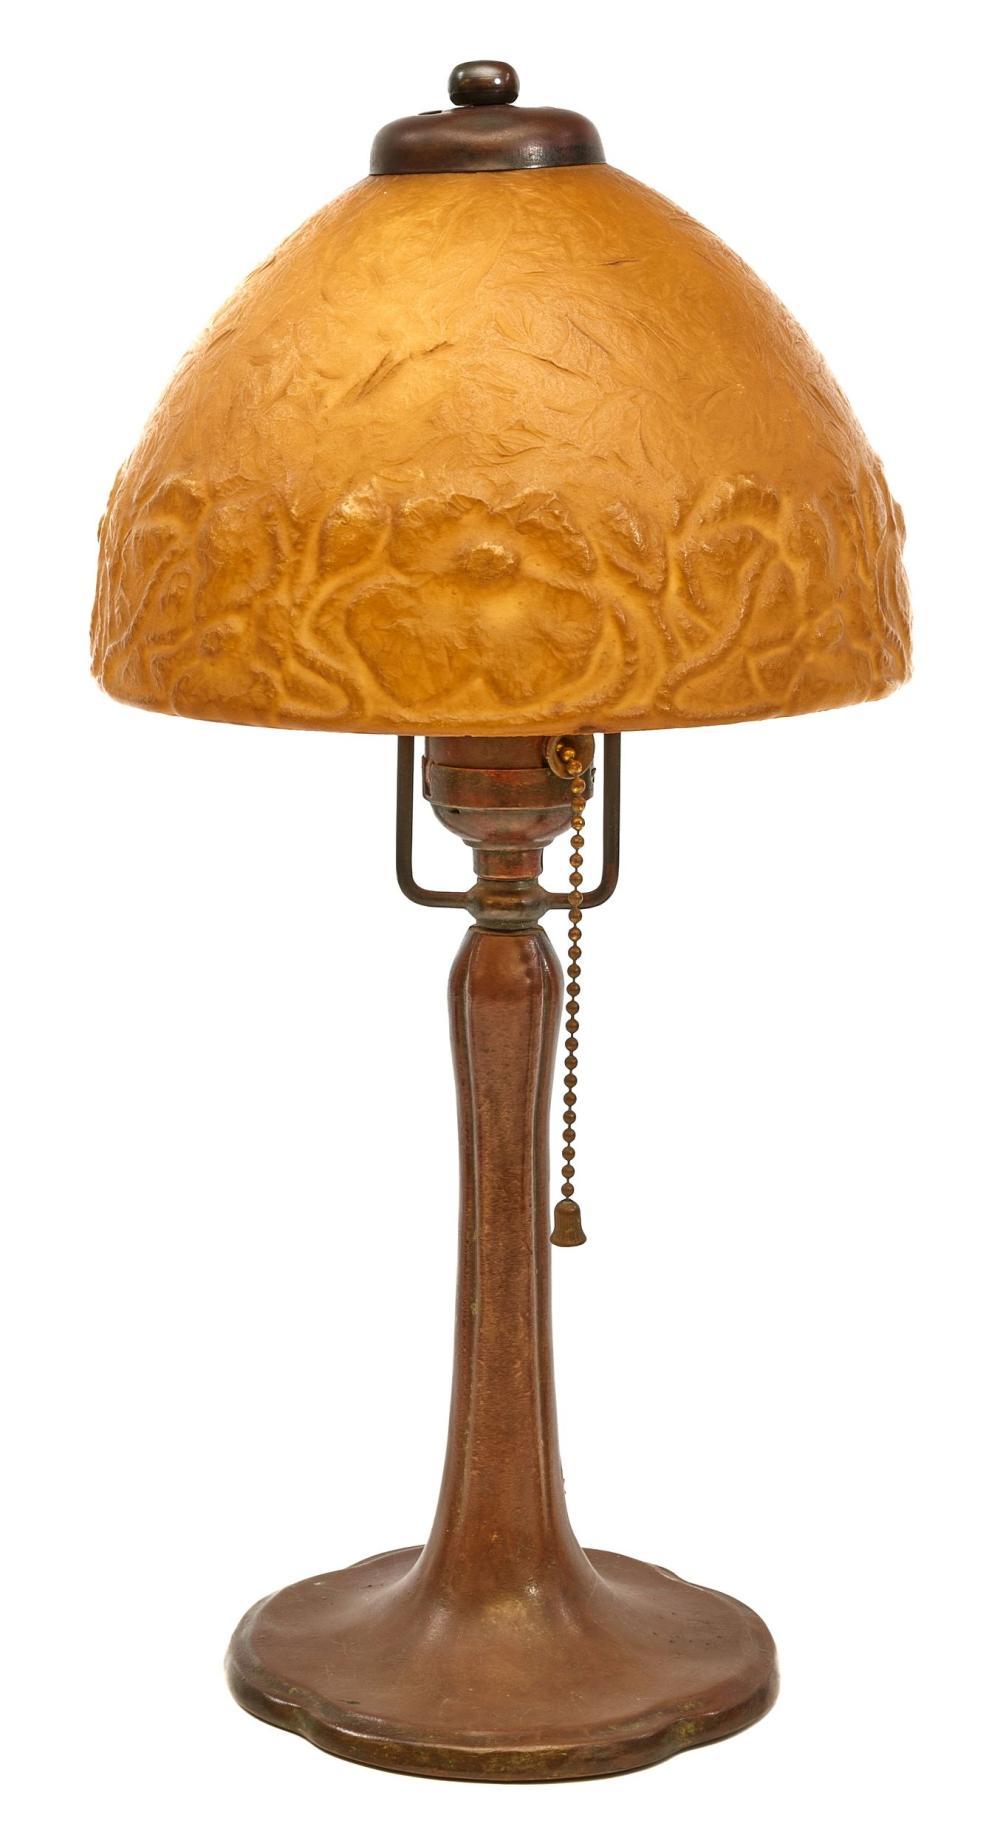 Handel boudiar lamp